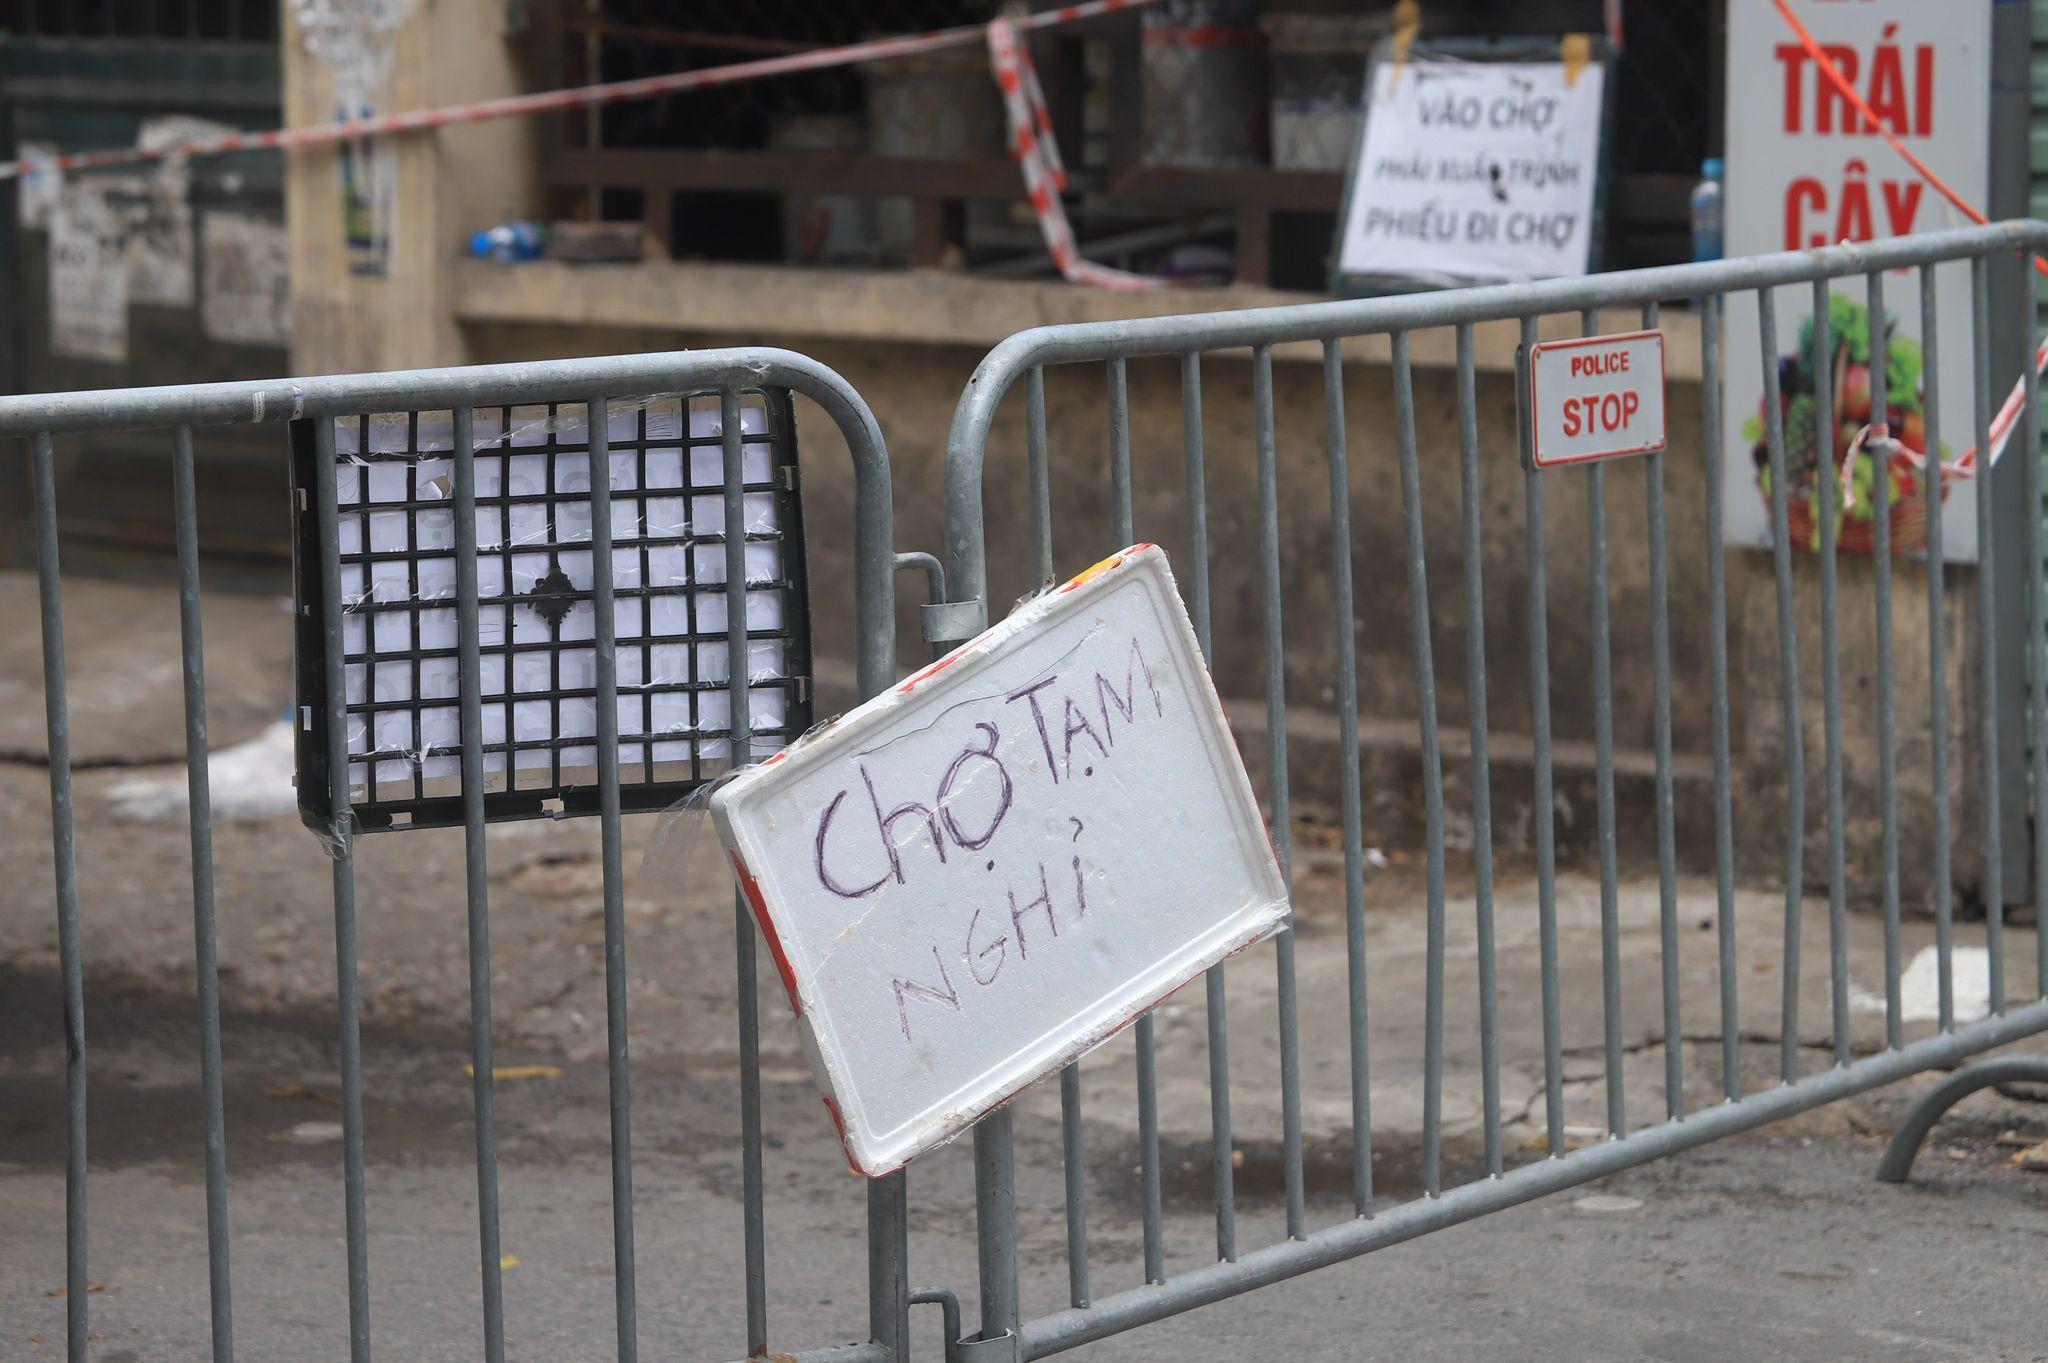 Phong tỏa khu 210 hộ dân cạnh bến xe Giáp Bát, tạm dừng chợ Nhân Chính